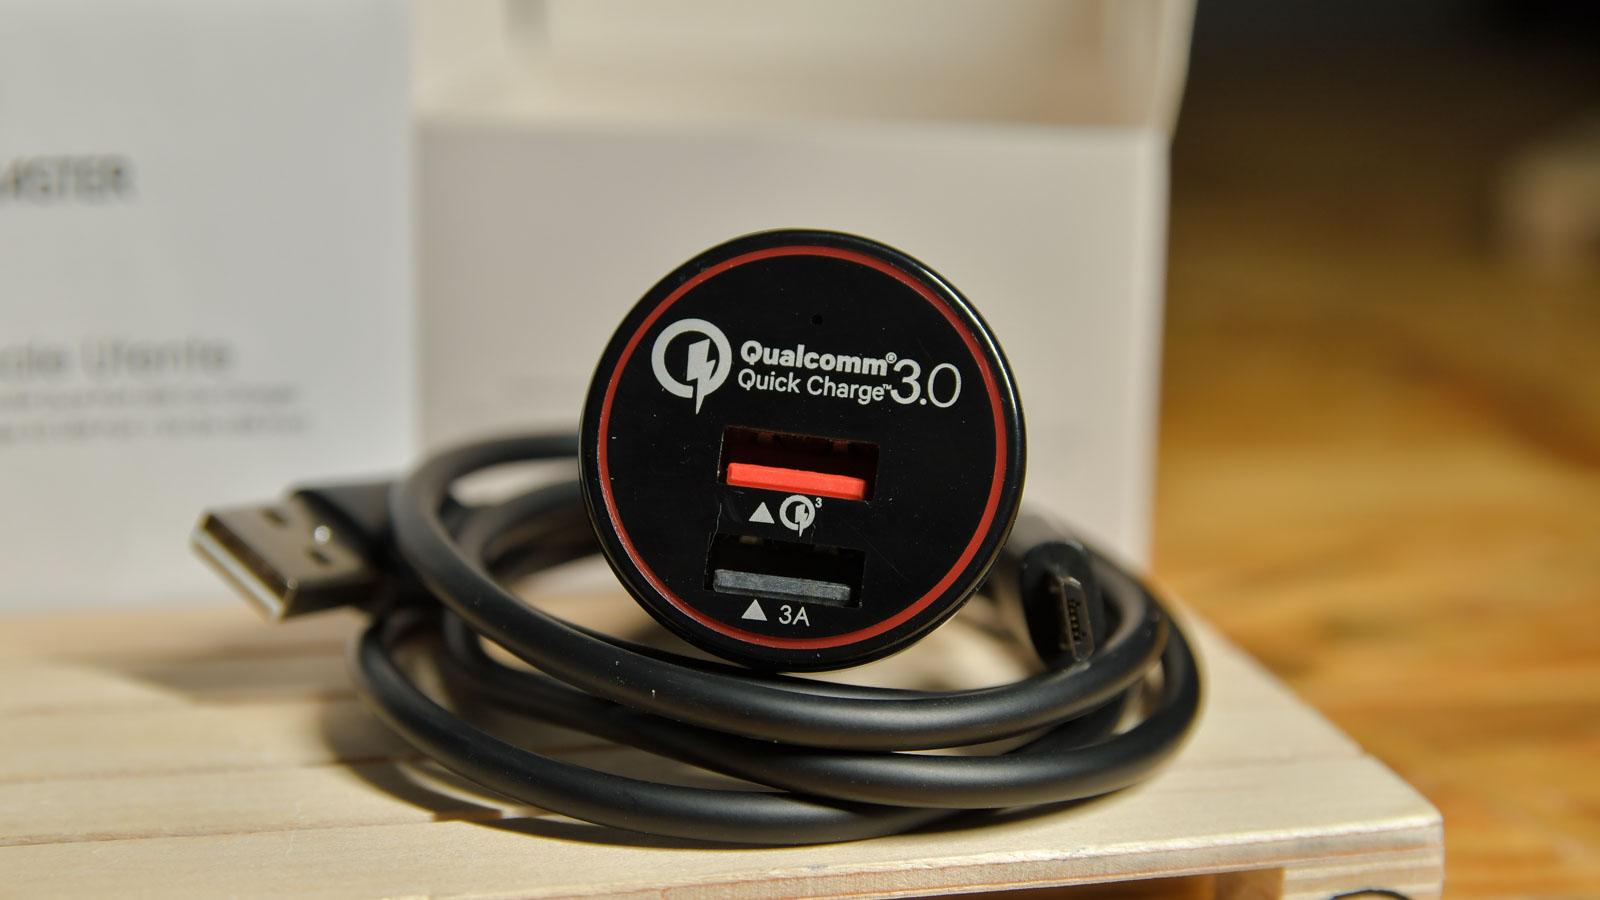 Caricabatterie Auto BC Master con Quick e Fast Charge